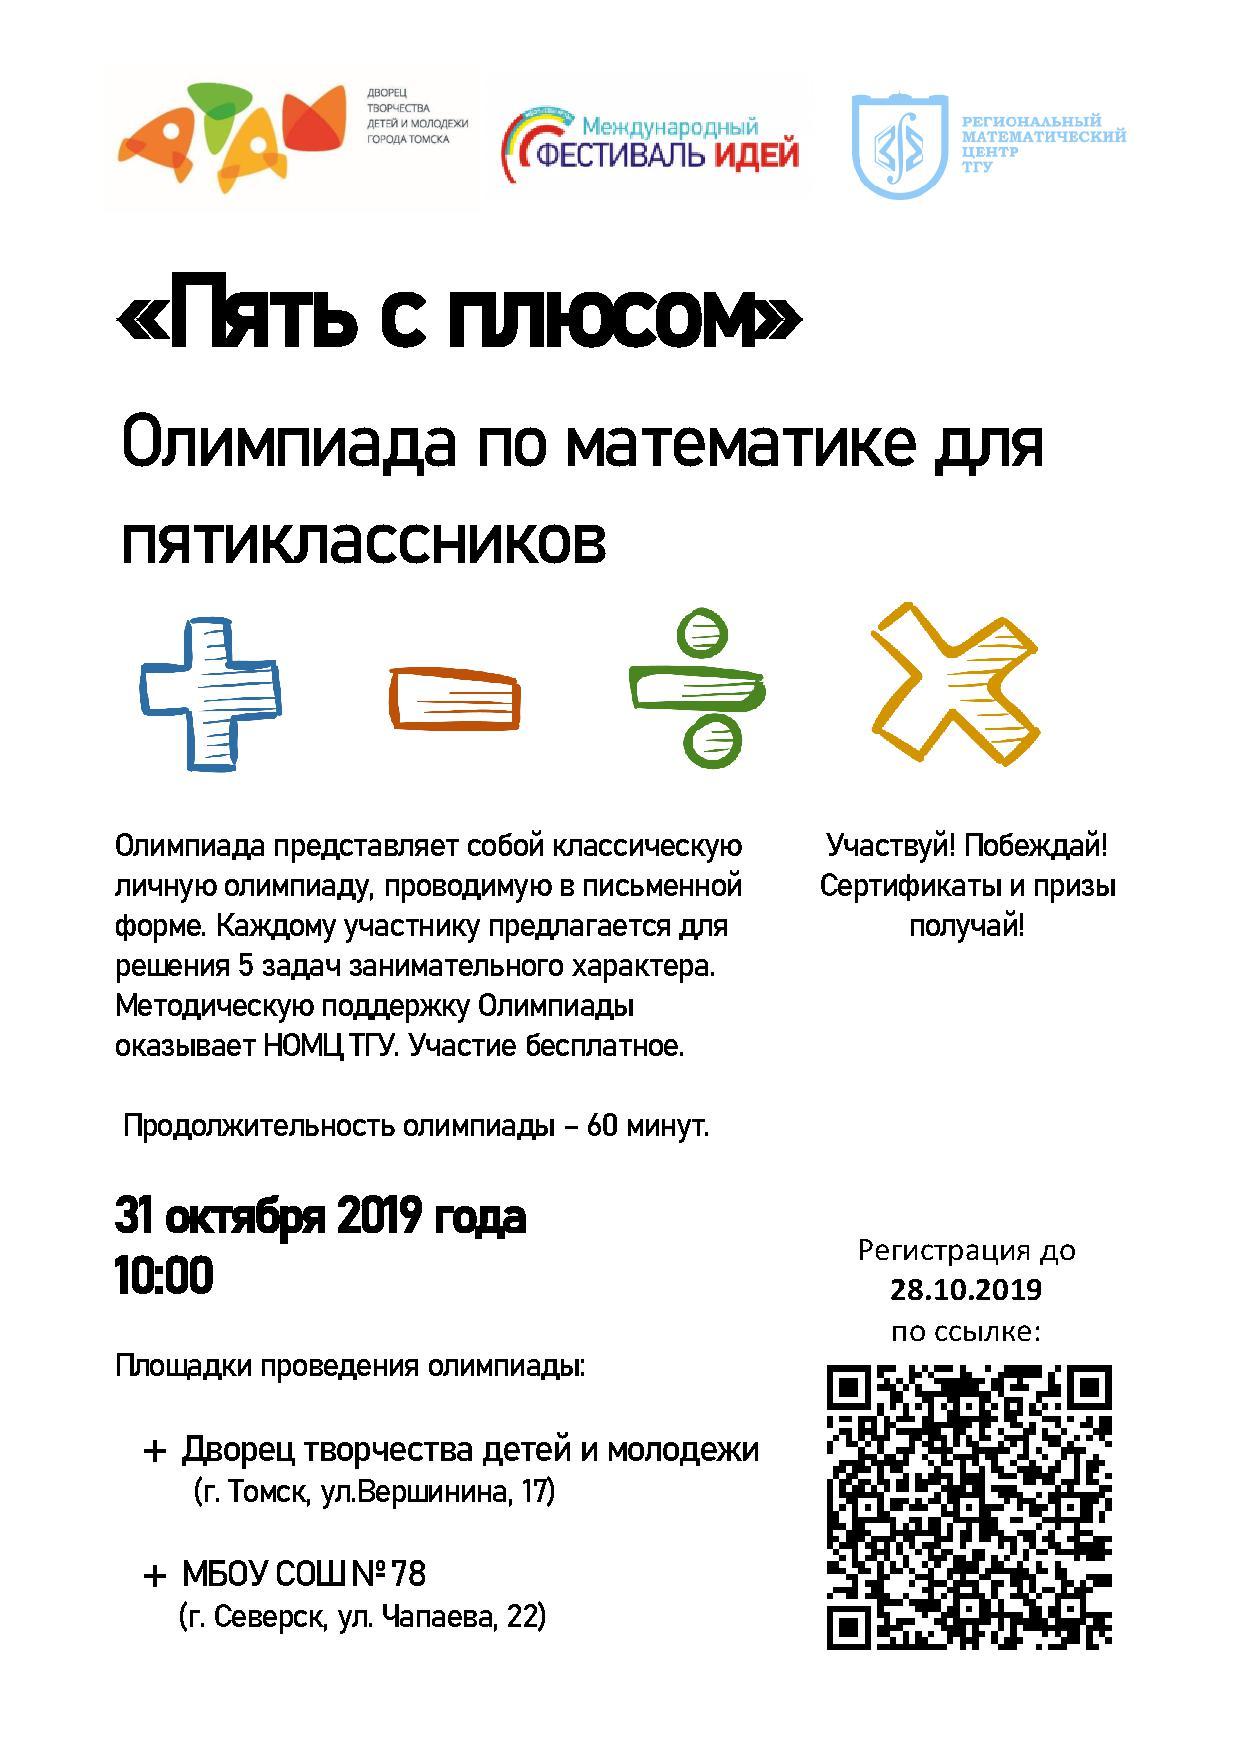 31 октября 2019 года на базе Дворца творчества детей и молодёжи города Томска пройдет математическая олимпиада для пятиклассников «Пять с плюсом».